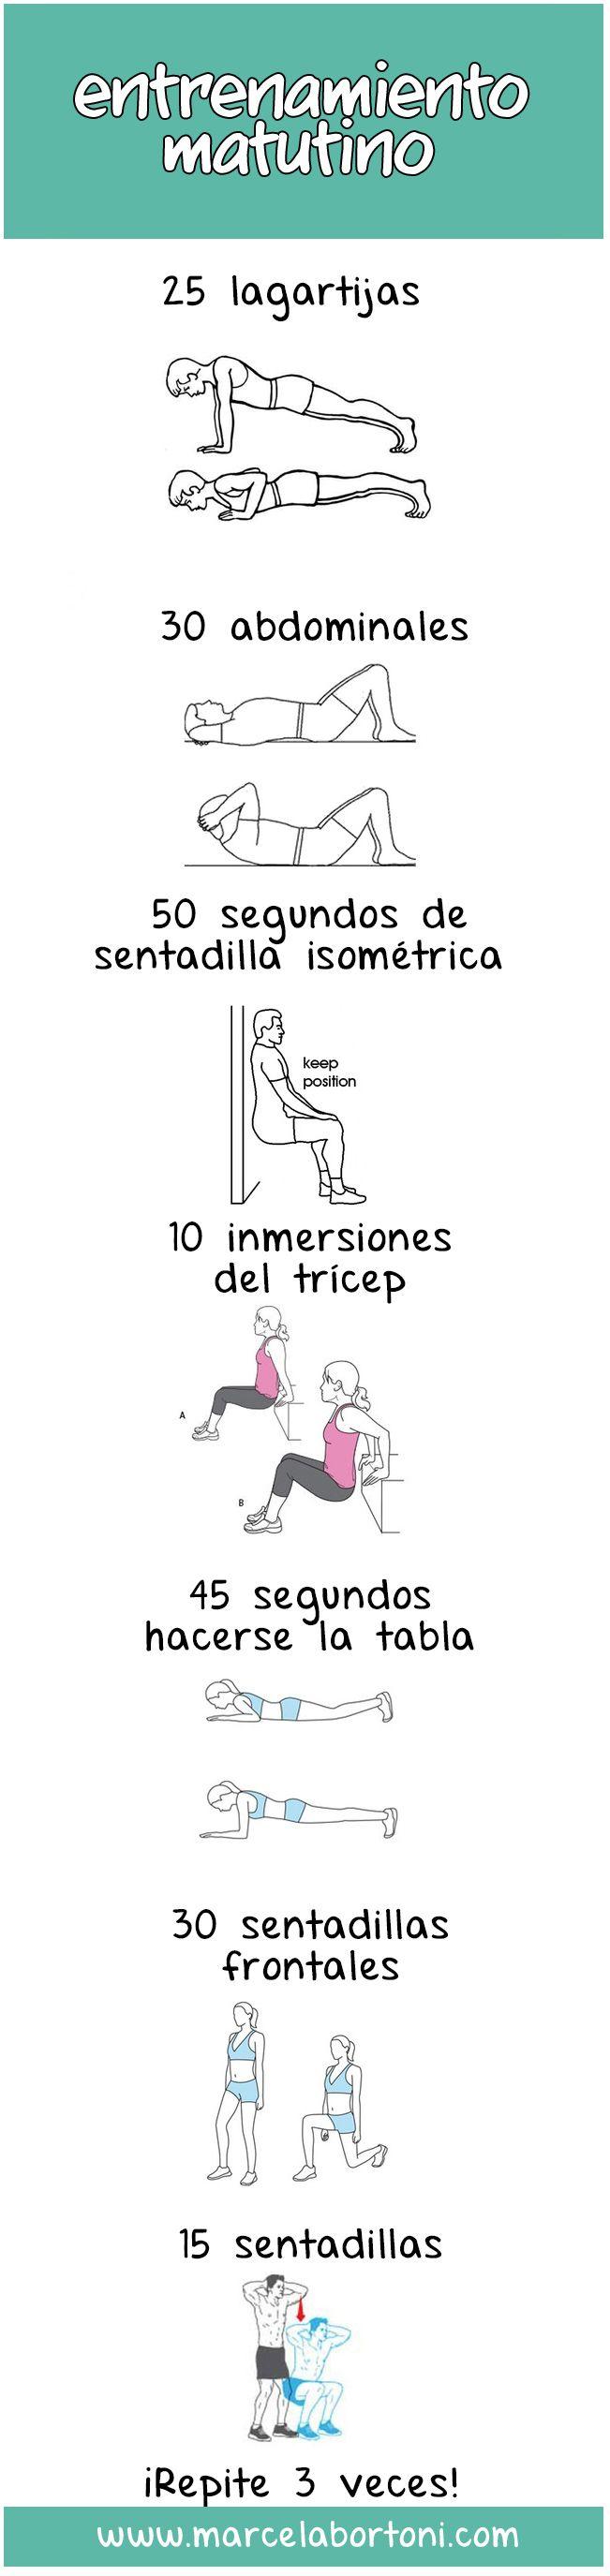 ¿Qué haces para hacer ejercicio?